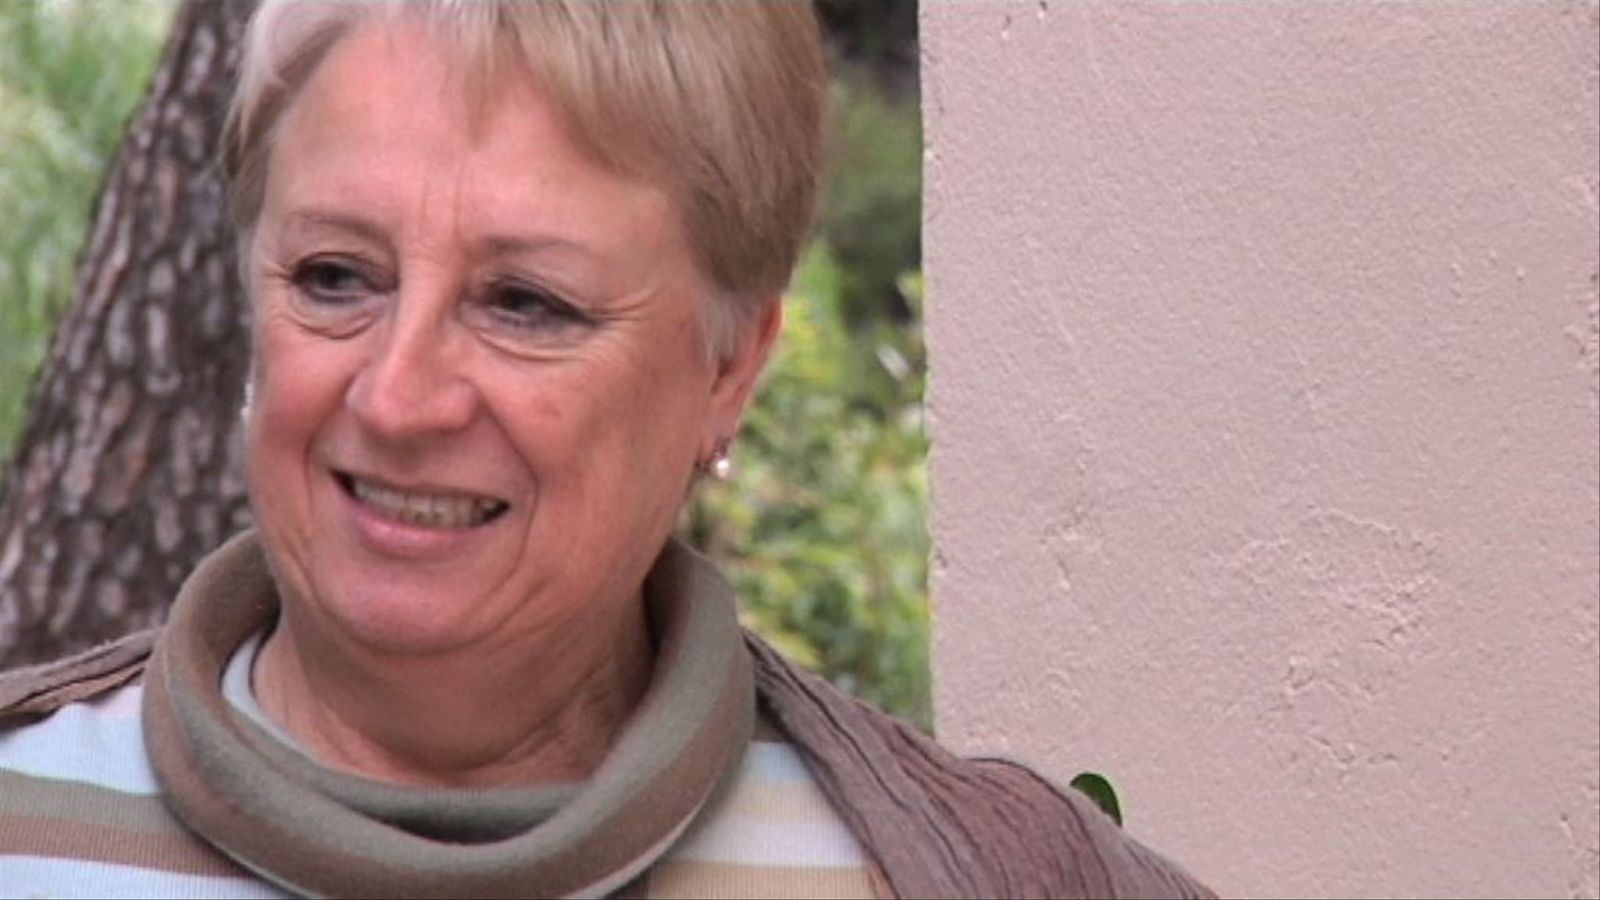 ARA Mestres: Maria Clara va fundar la seva pròpia escola amb 23 anys